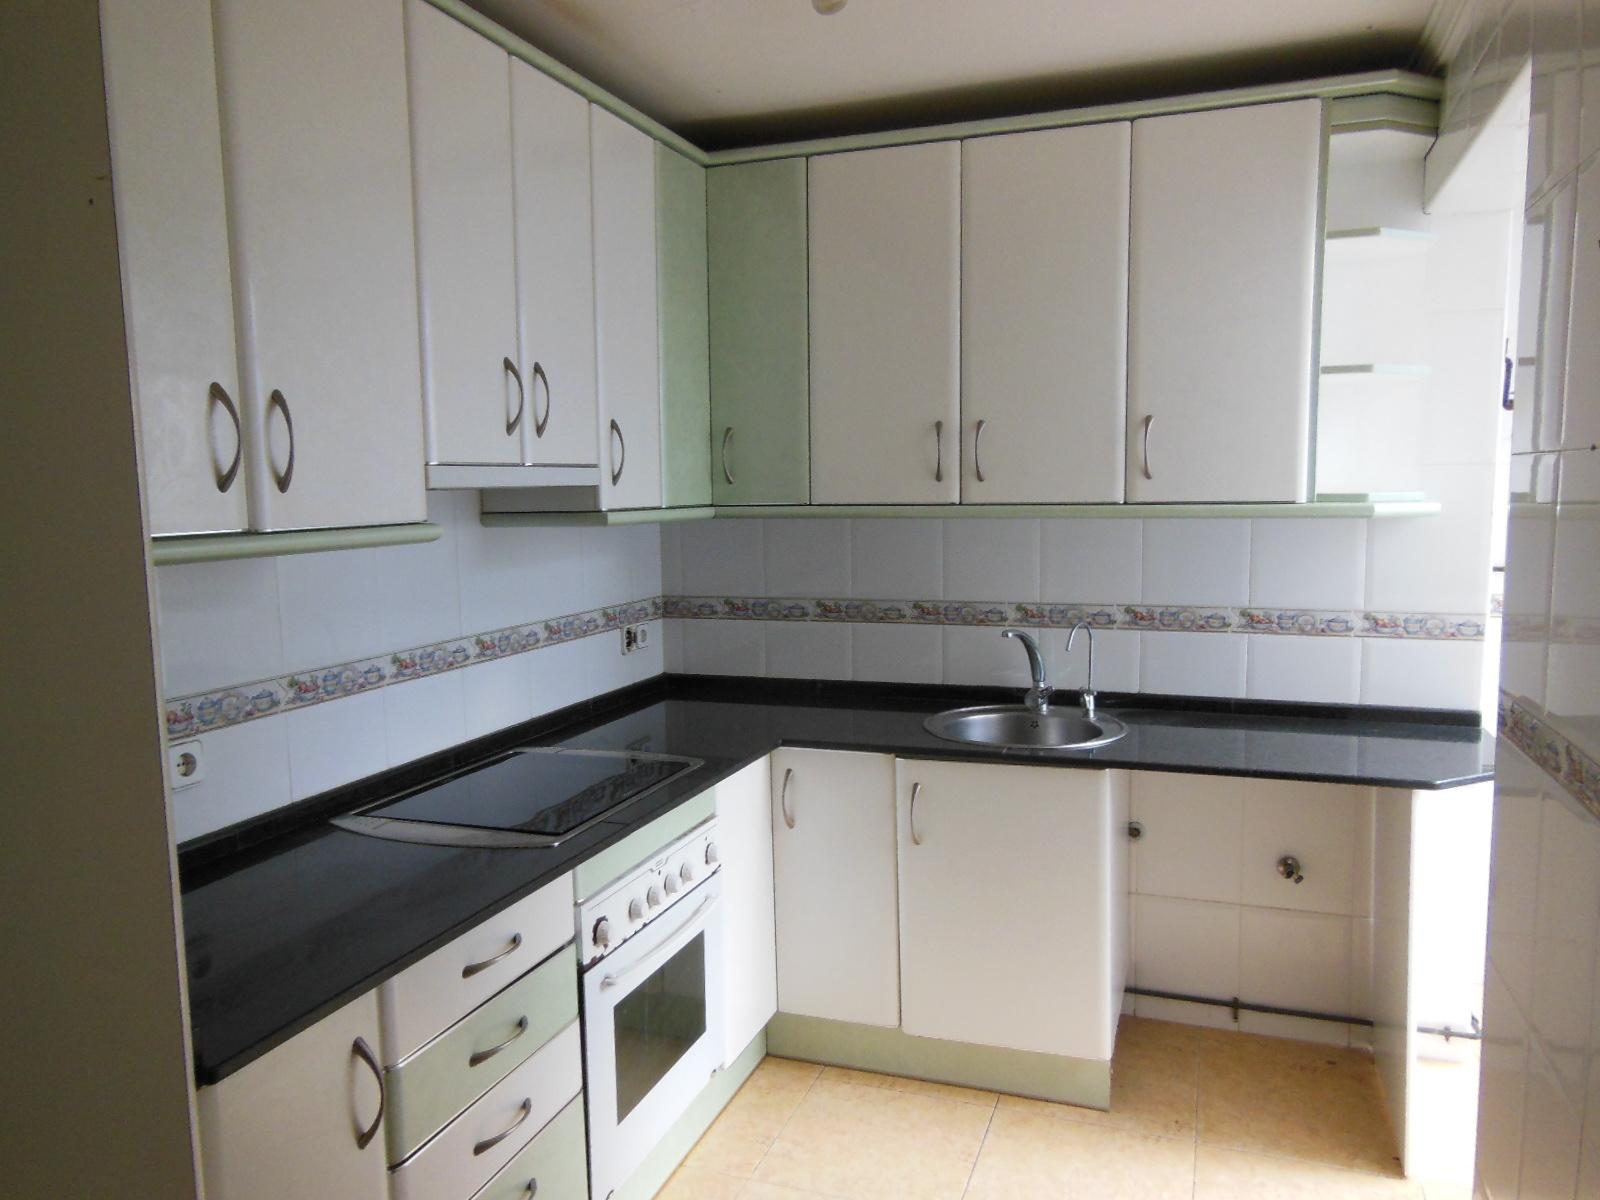 Piso en venta en Camp Clar, Tarragona, Tarragona, Calle Riu Algars, 83.500 €, 4 habitaciones, 1 baño, 104 m2